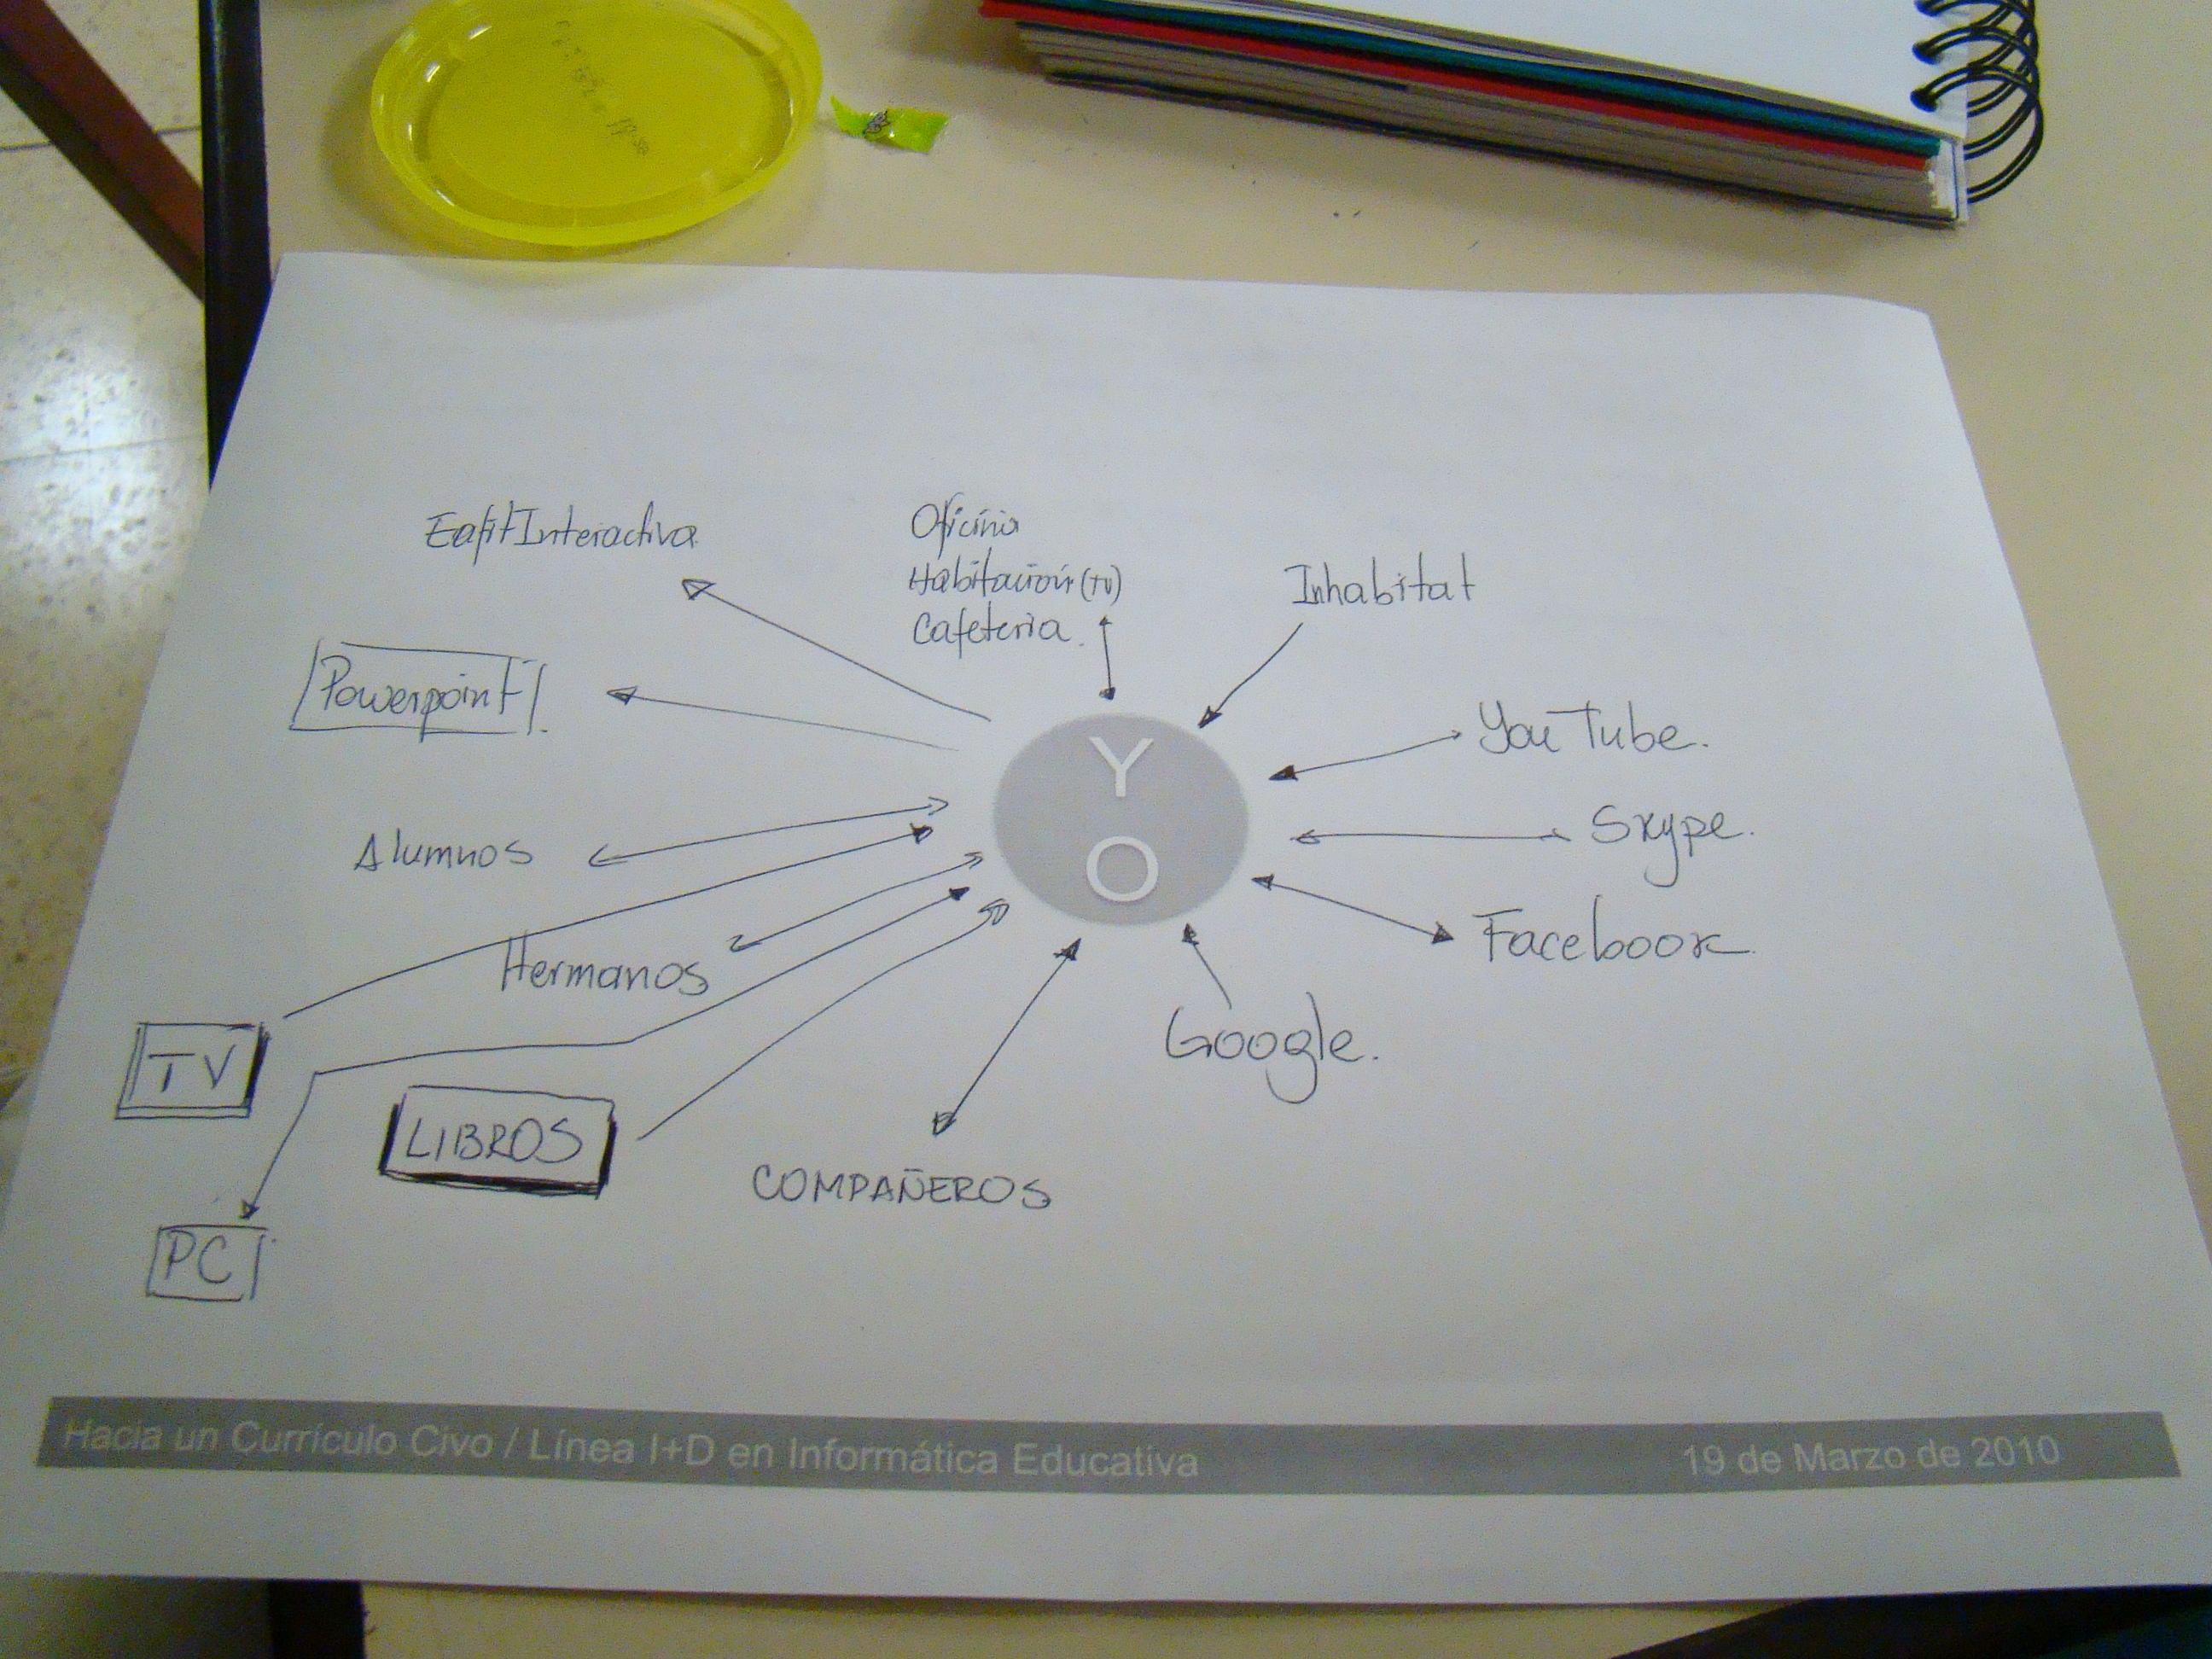 Ambiente personal de aprendizaje